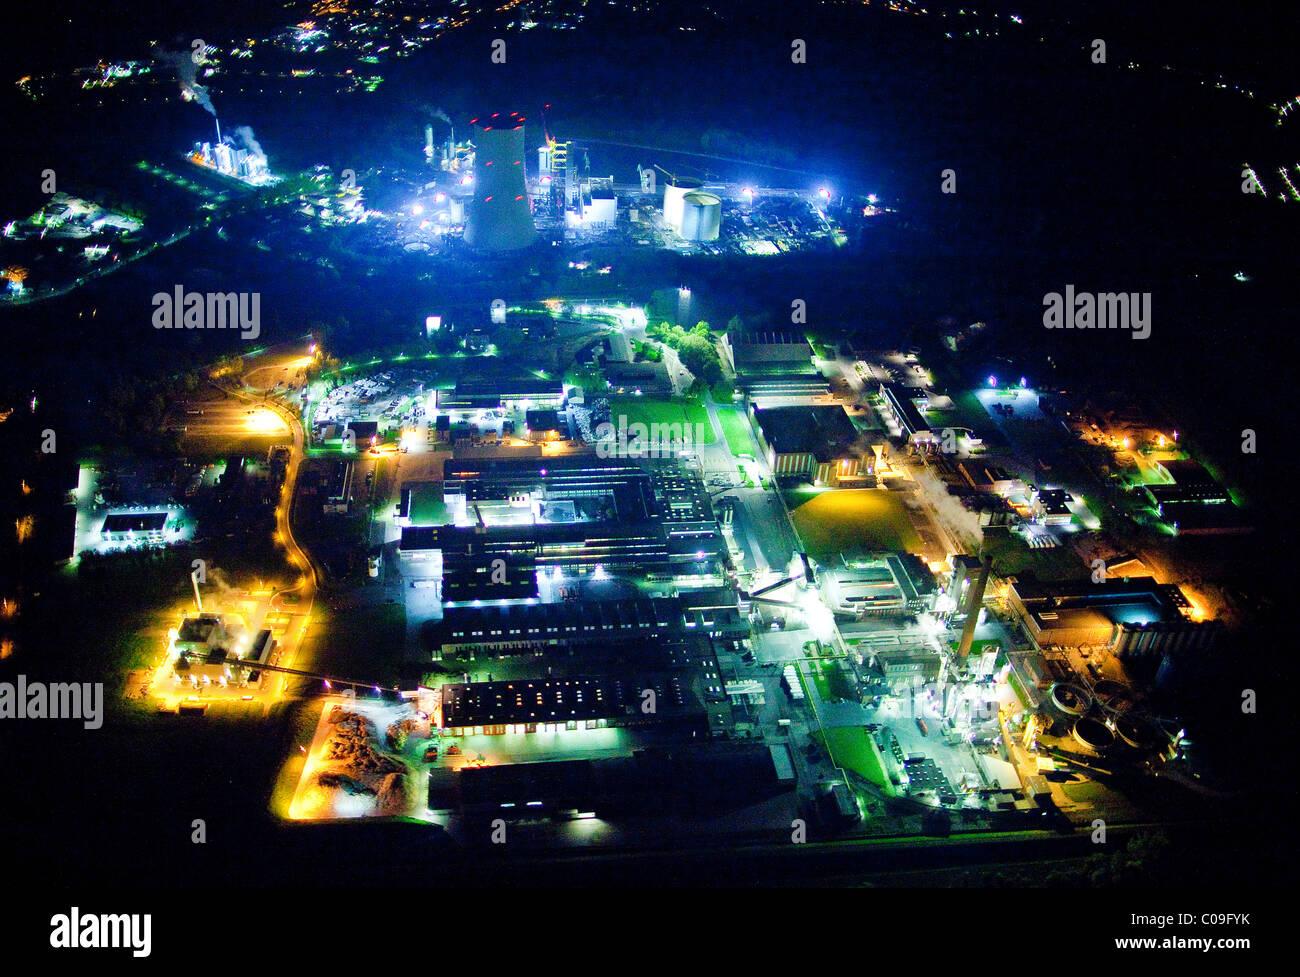 Vue aérienne, nuit, de l'industrie, Rettmann, Luenen, région de la Ruhr, Nordrhein-Westfalen, Germany, Photo Stock